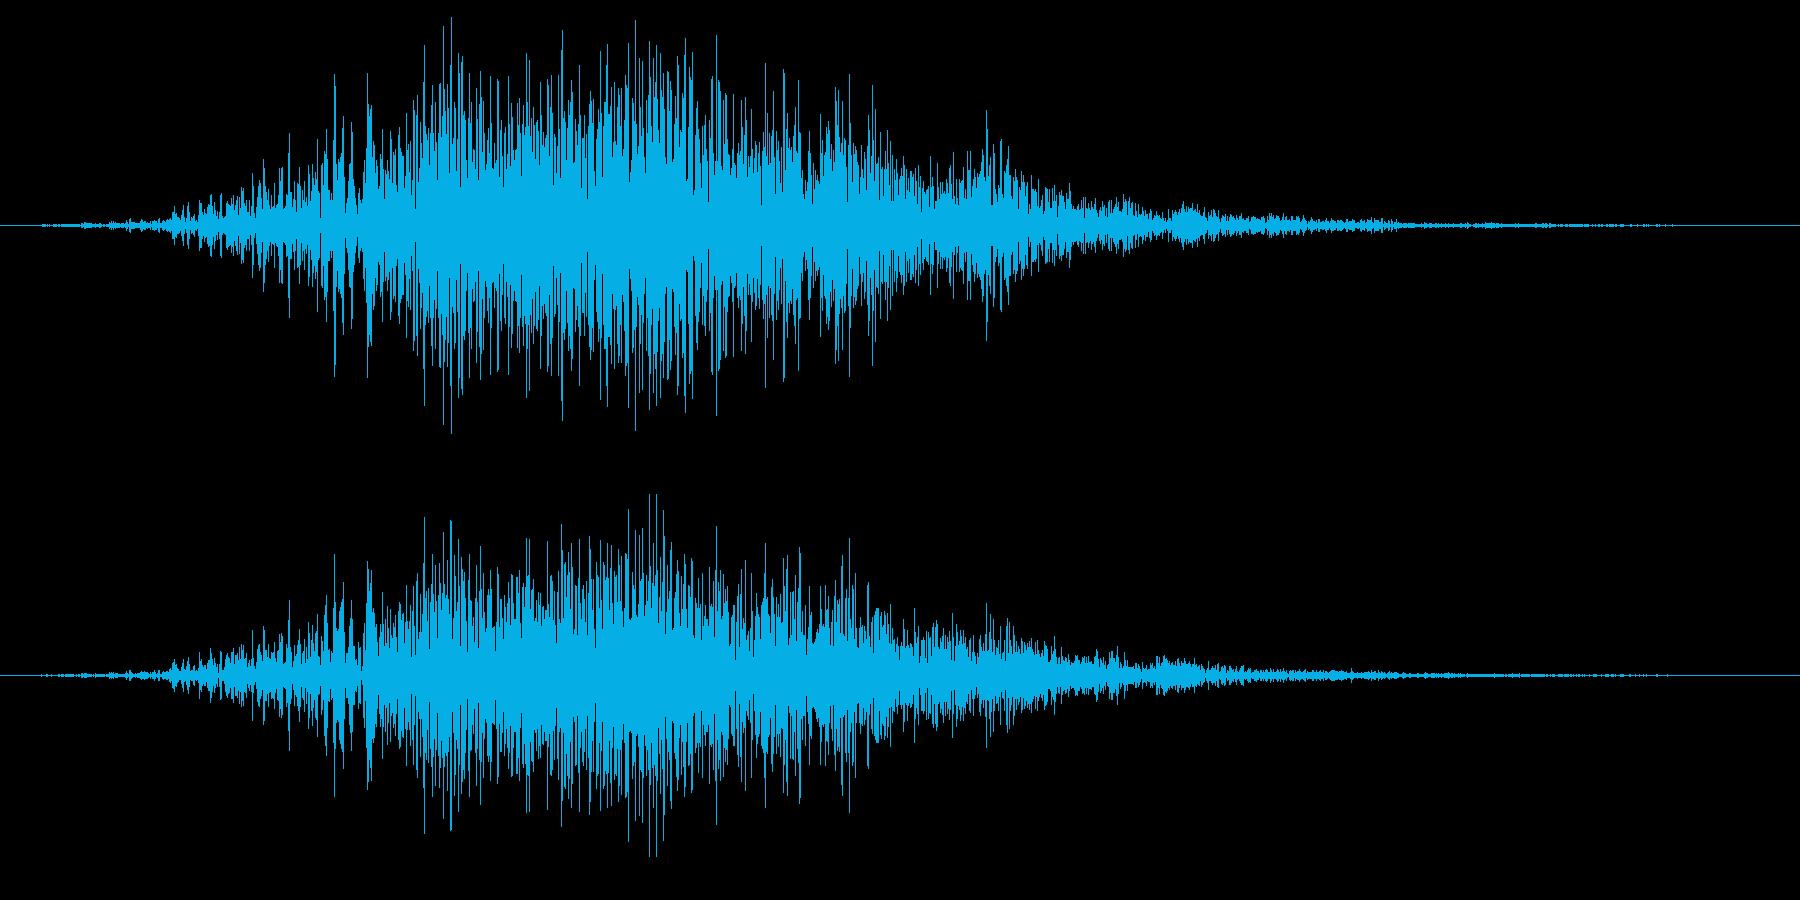 アオサギの鳴き声(飛翔中によく鳴く)の再生済みの波形